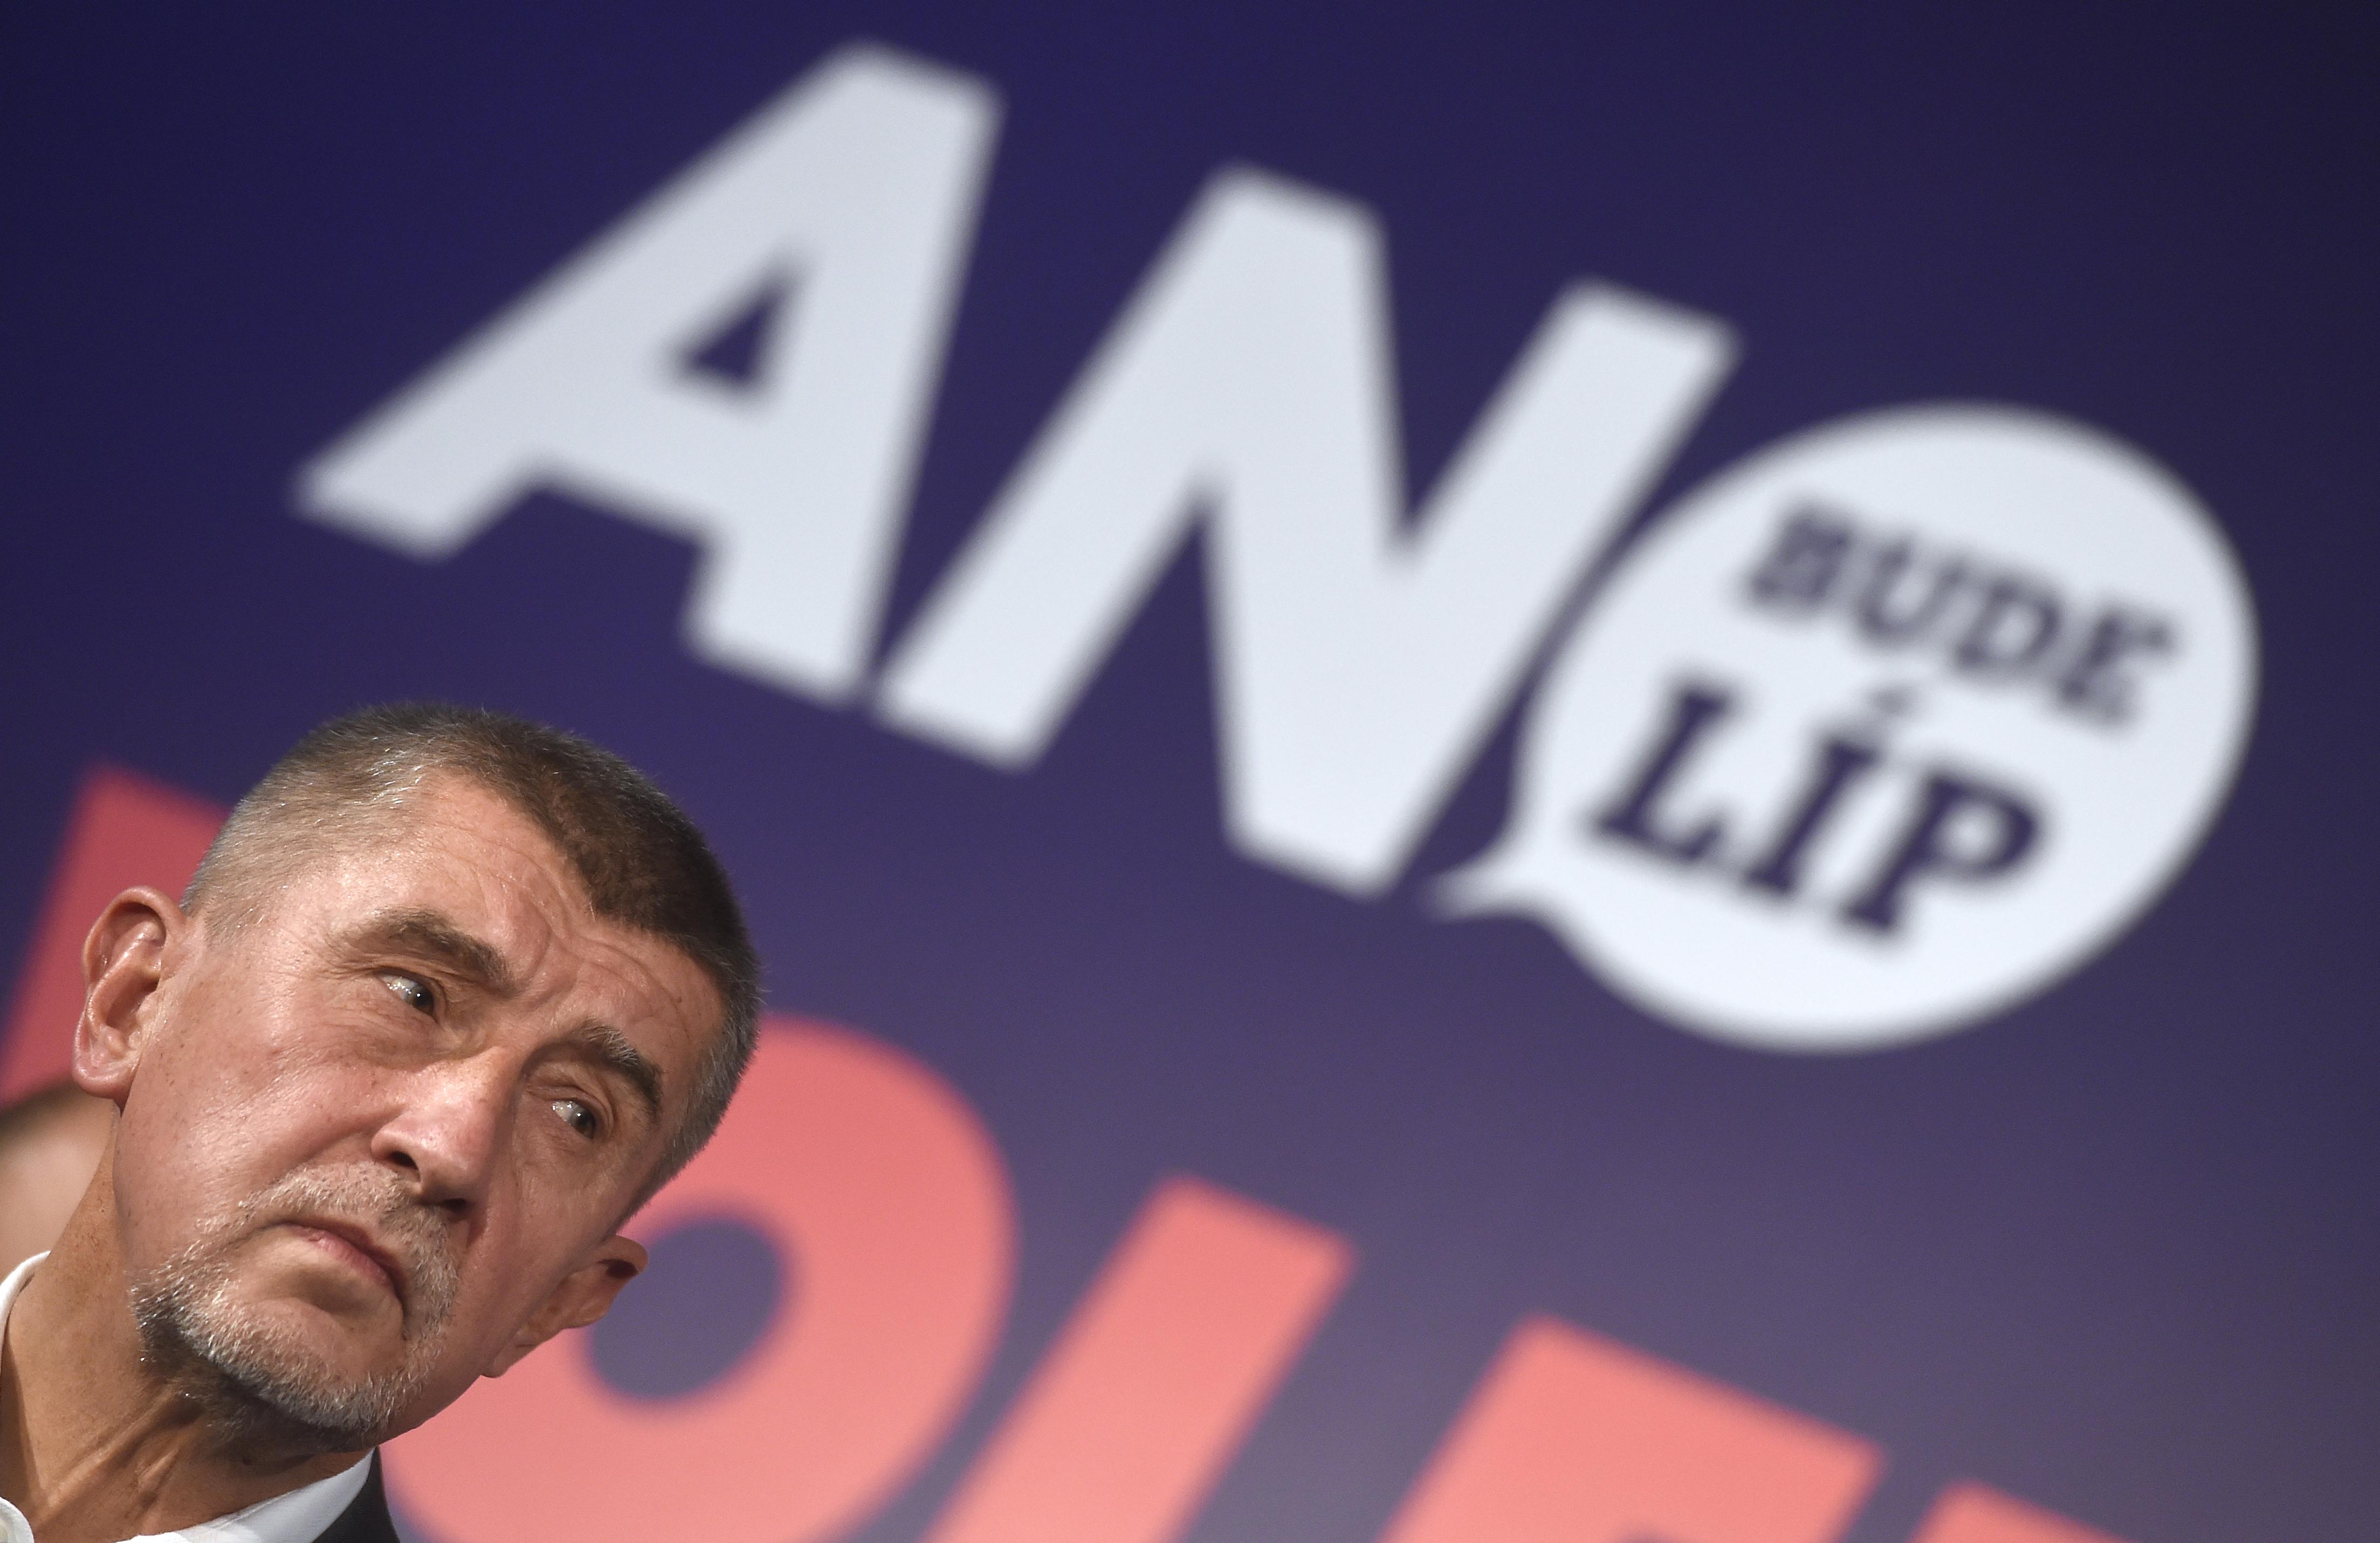 Ismerd meg a cseh Donald Trumpot, aki Orbán mintájára építené újra Csehországot